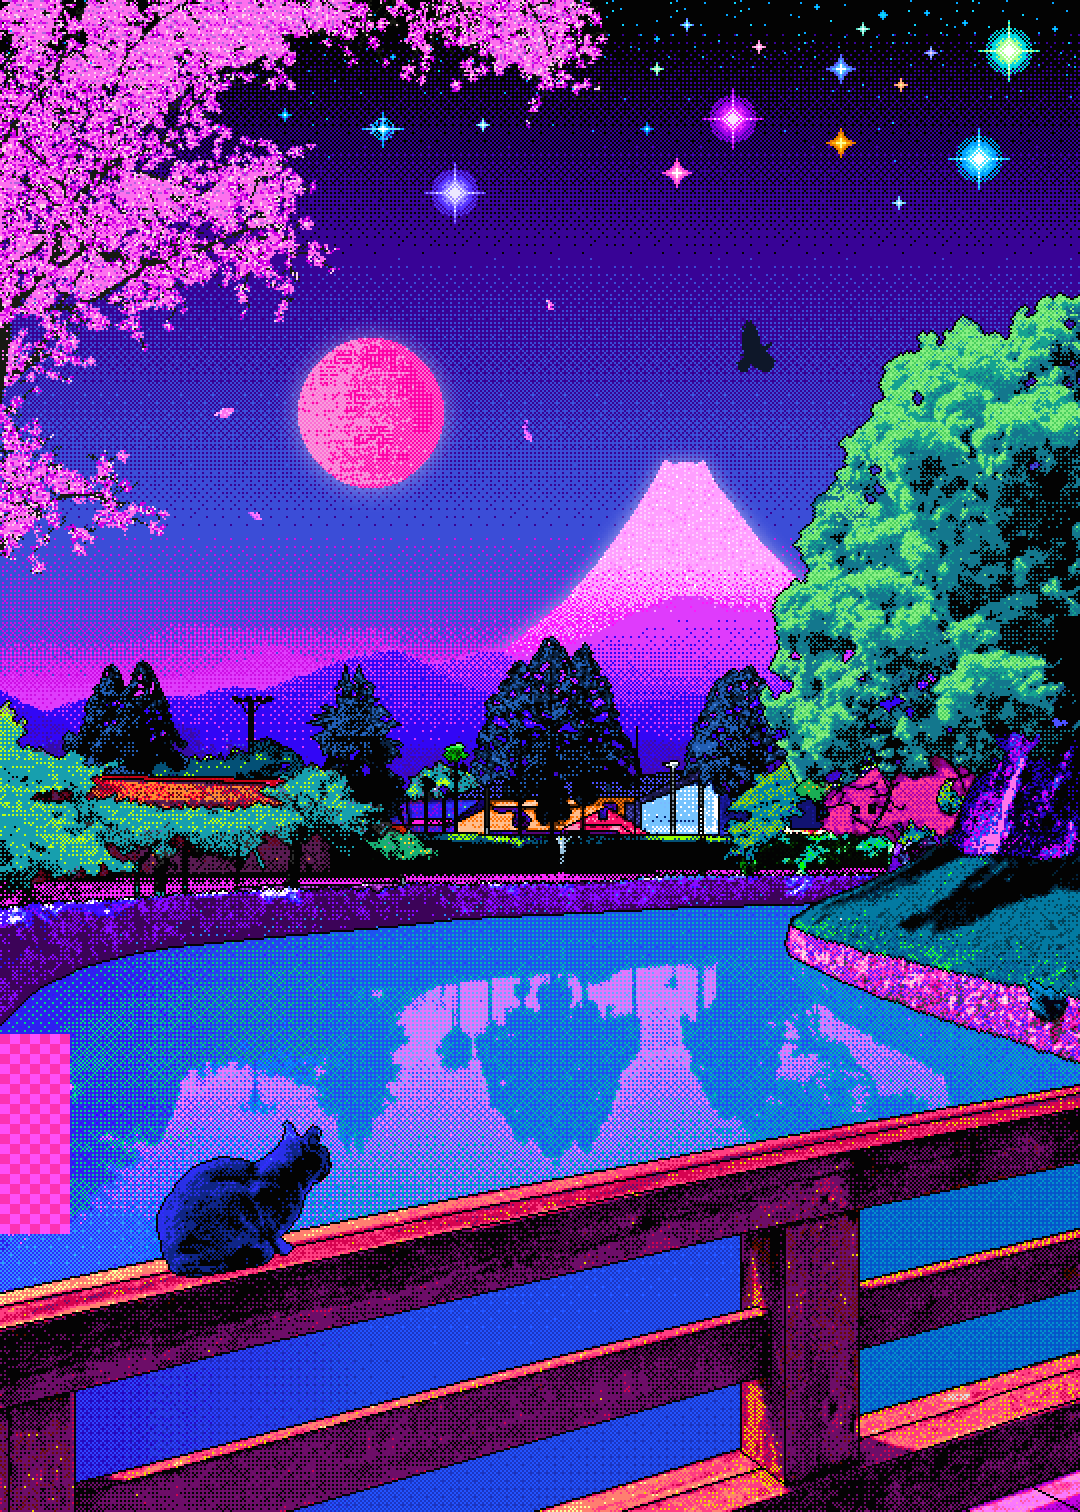 pixel aesthetic wallpapers